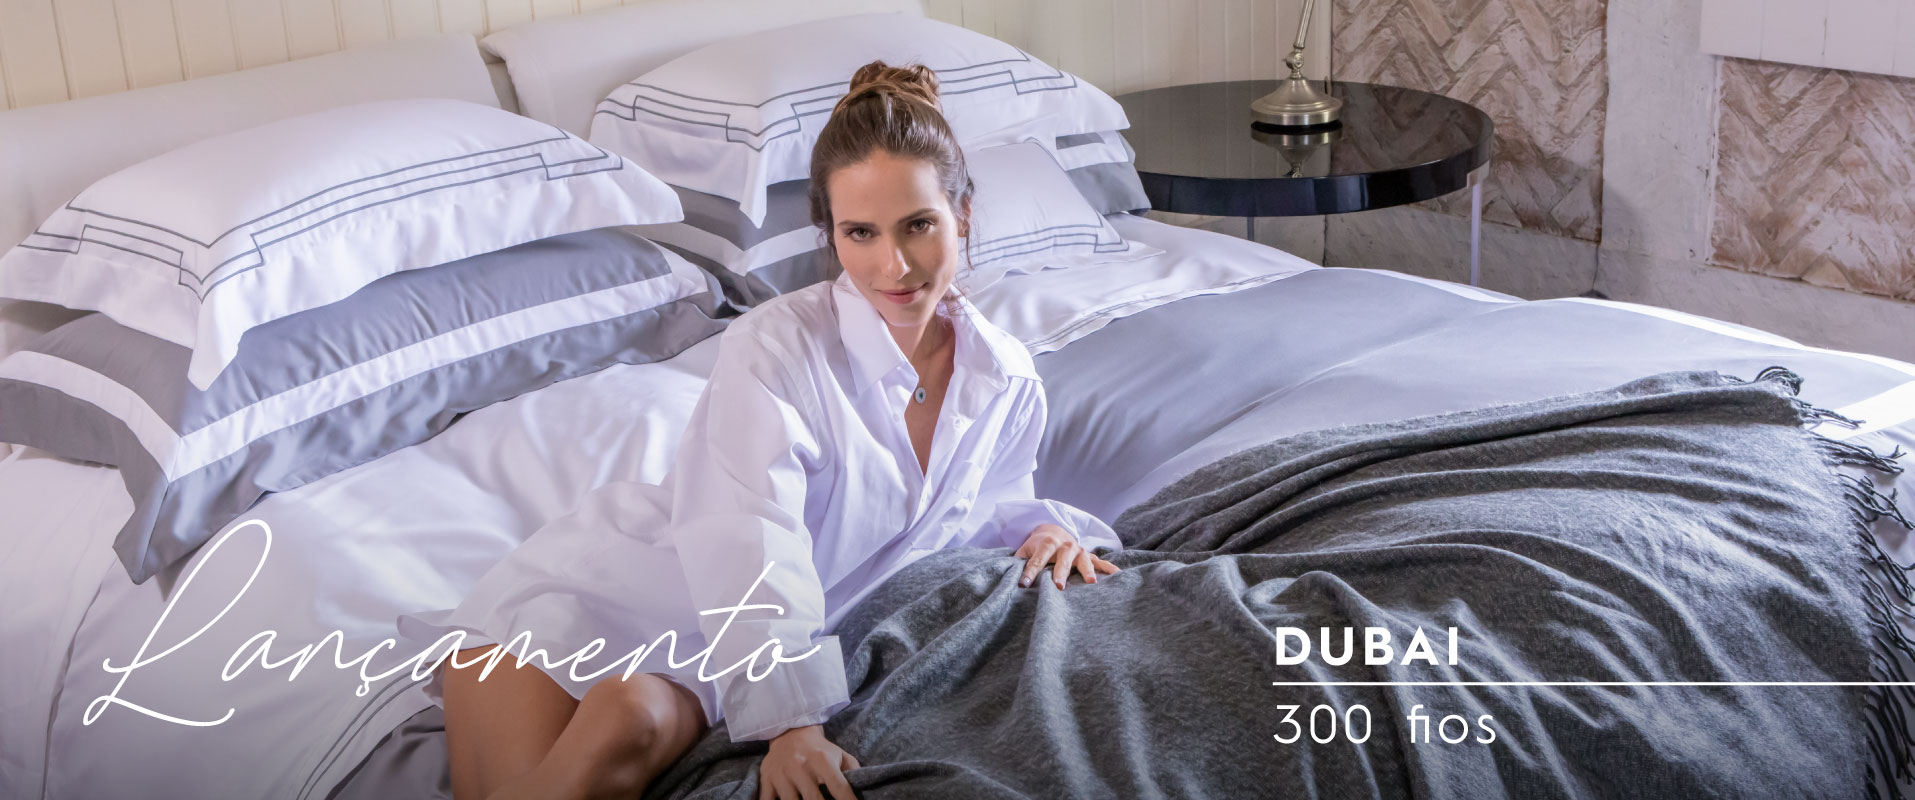 Dubai - Lancamento